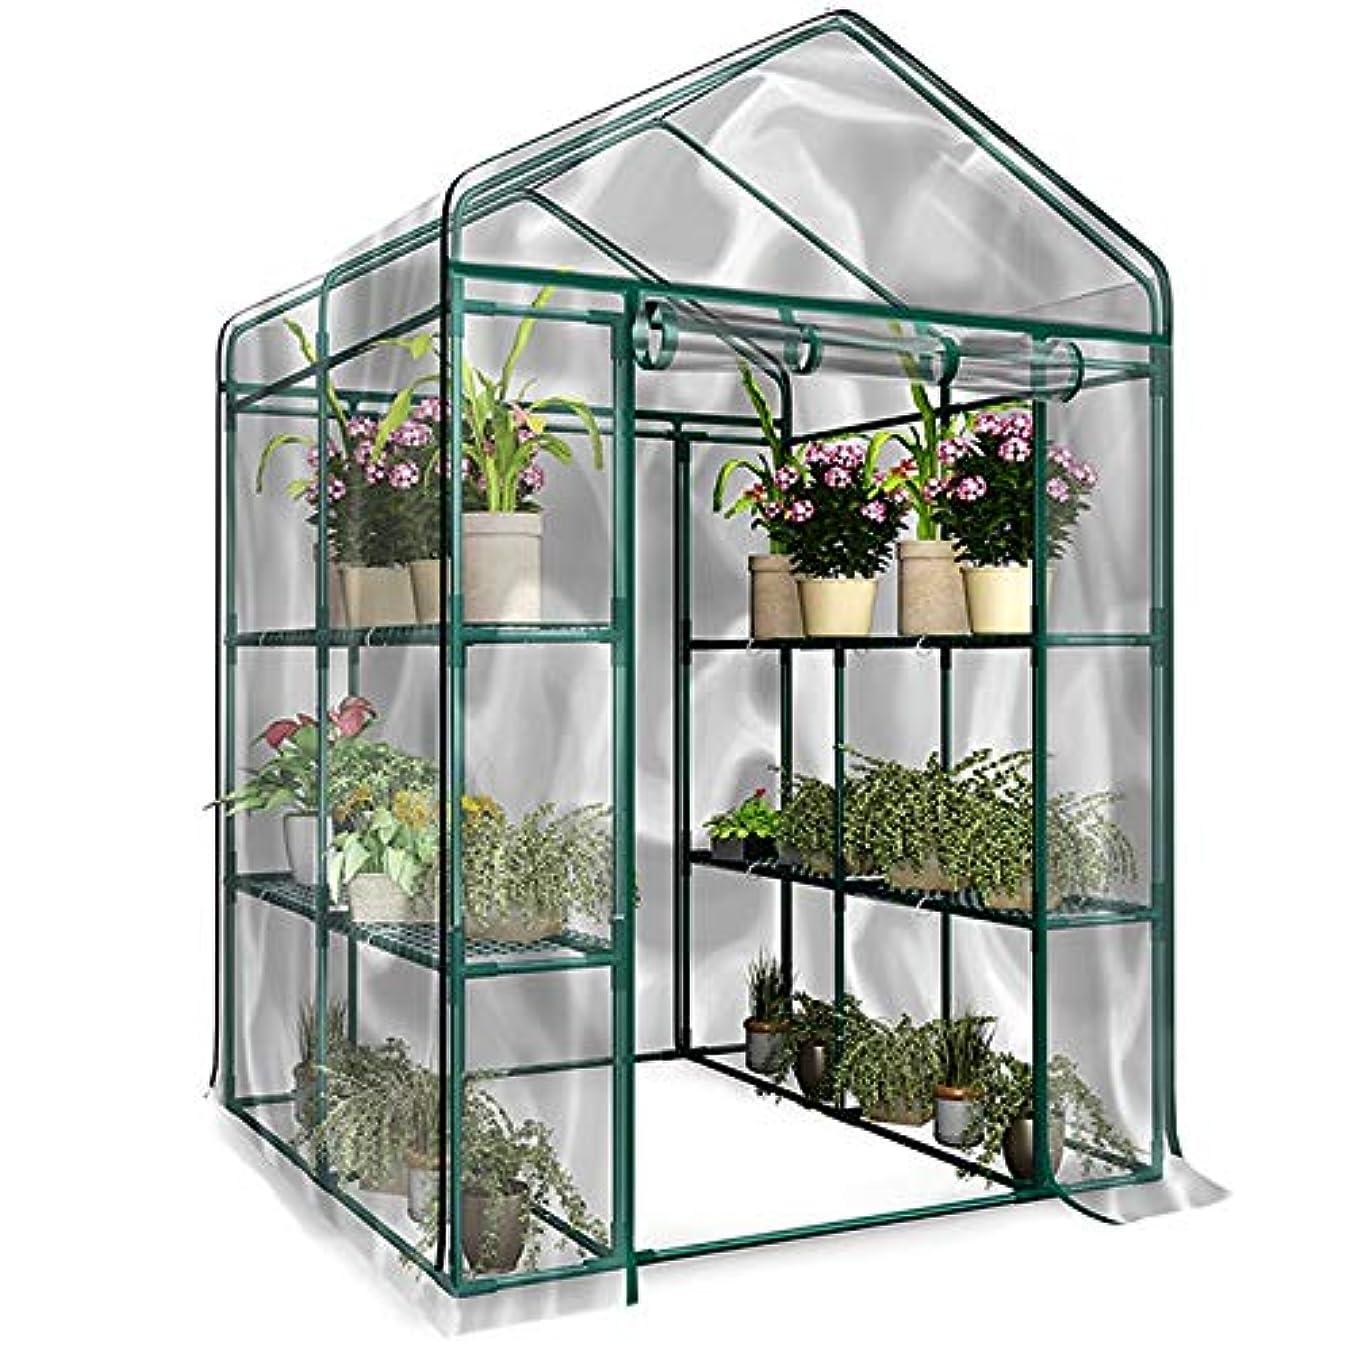 オプショナル圧力圧力RETYLY PVC暖かい庭層ミニ家庭用植物温室カバー防水アンチUV 庭の植物の花を守る (鉄スタンドなし)